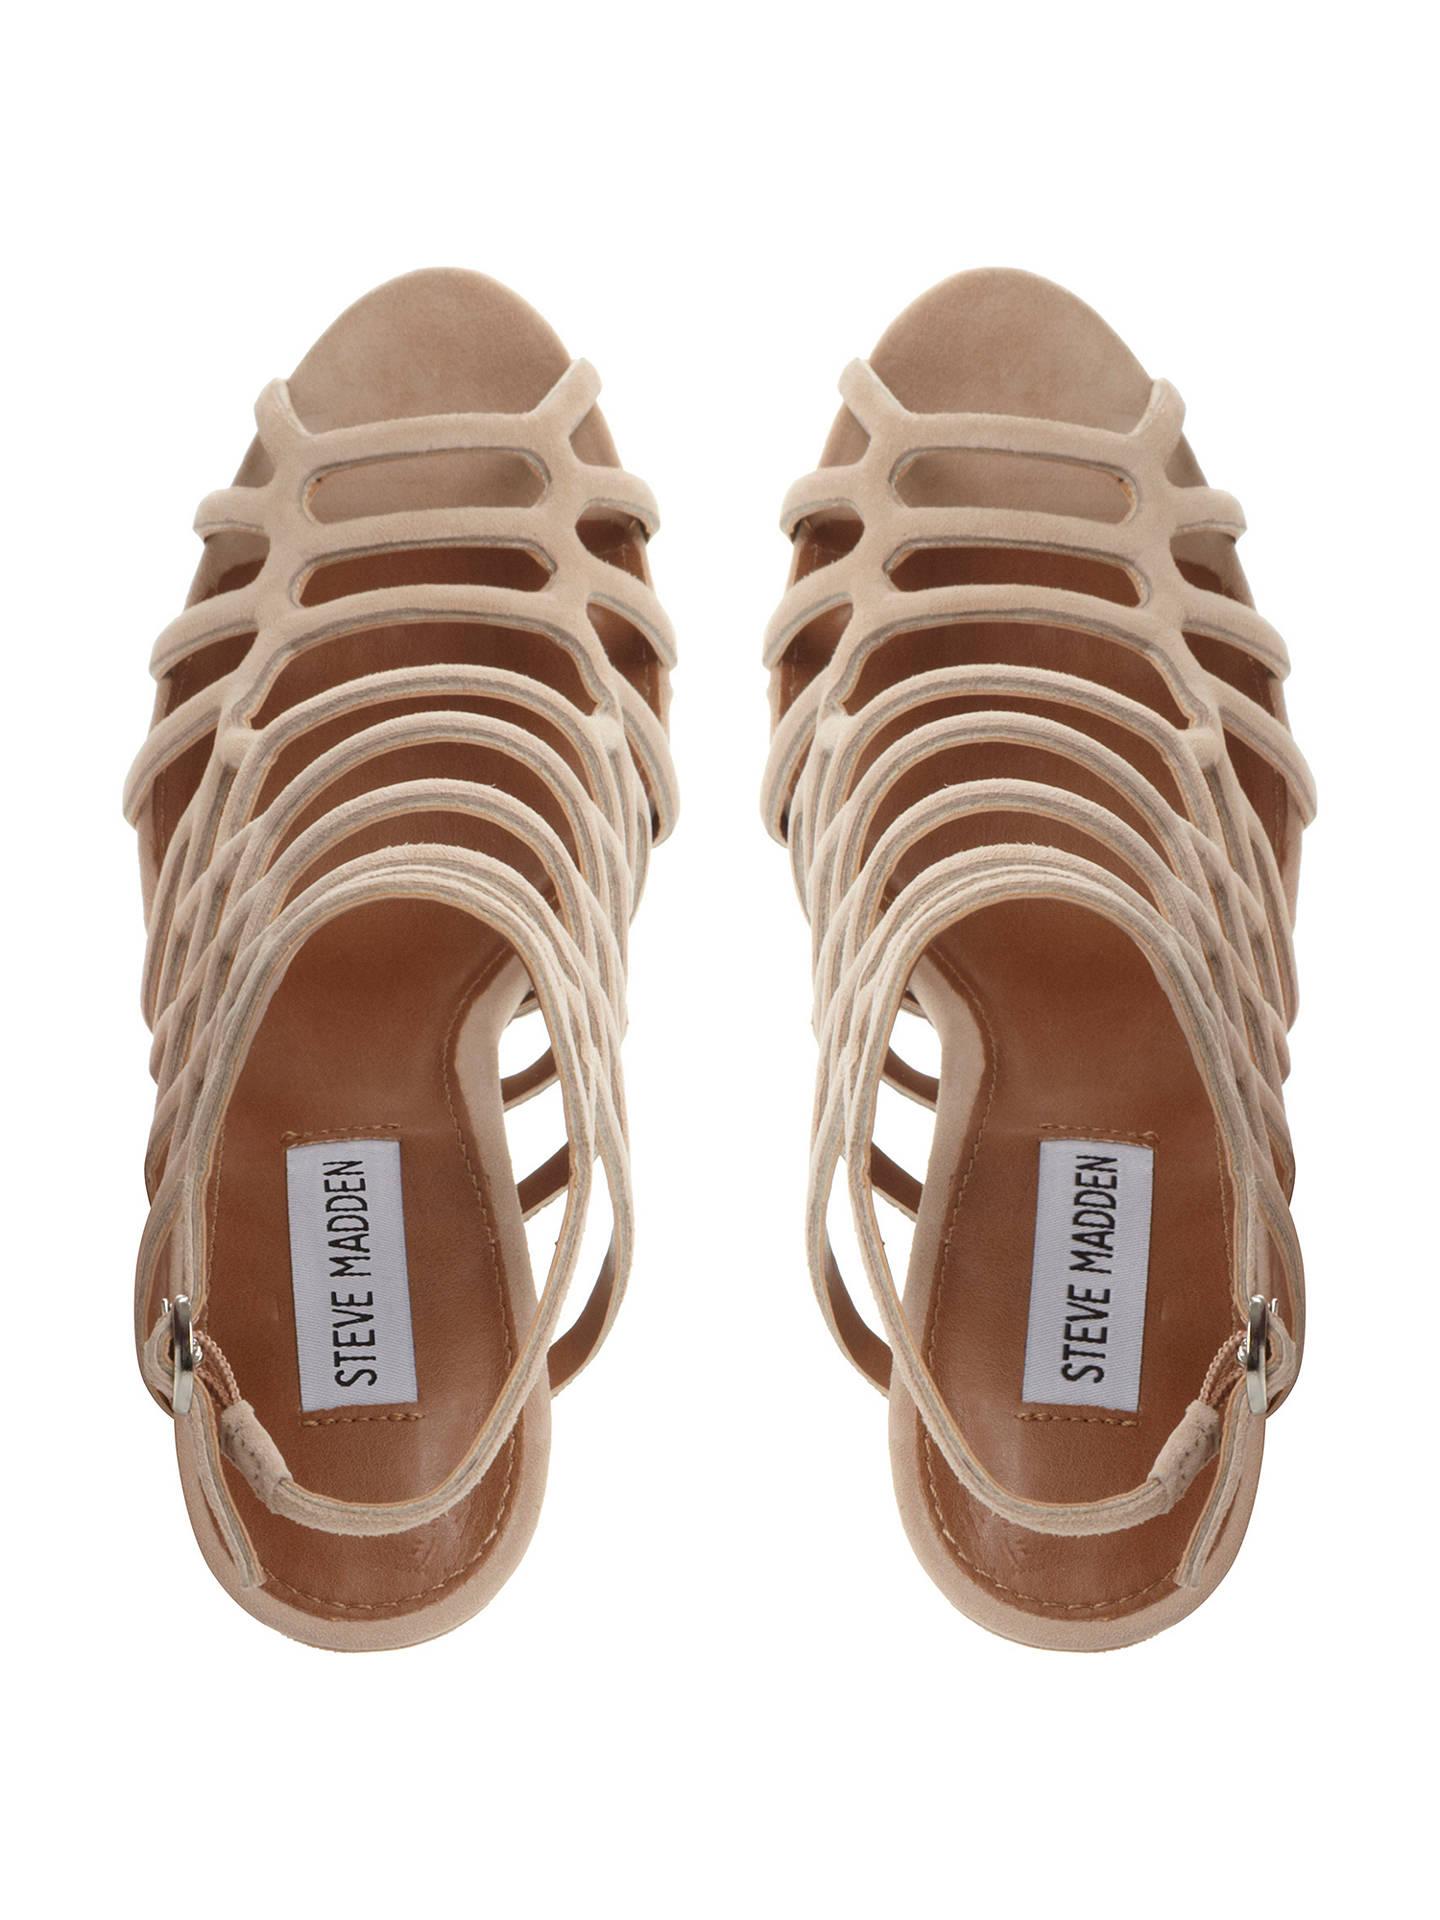 3f24458ccafb03 Steve Madden Slithur High Heeled Cage Sandals at John Lewis   Partners